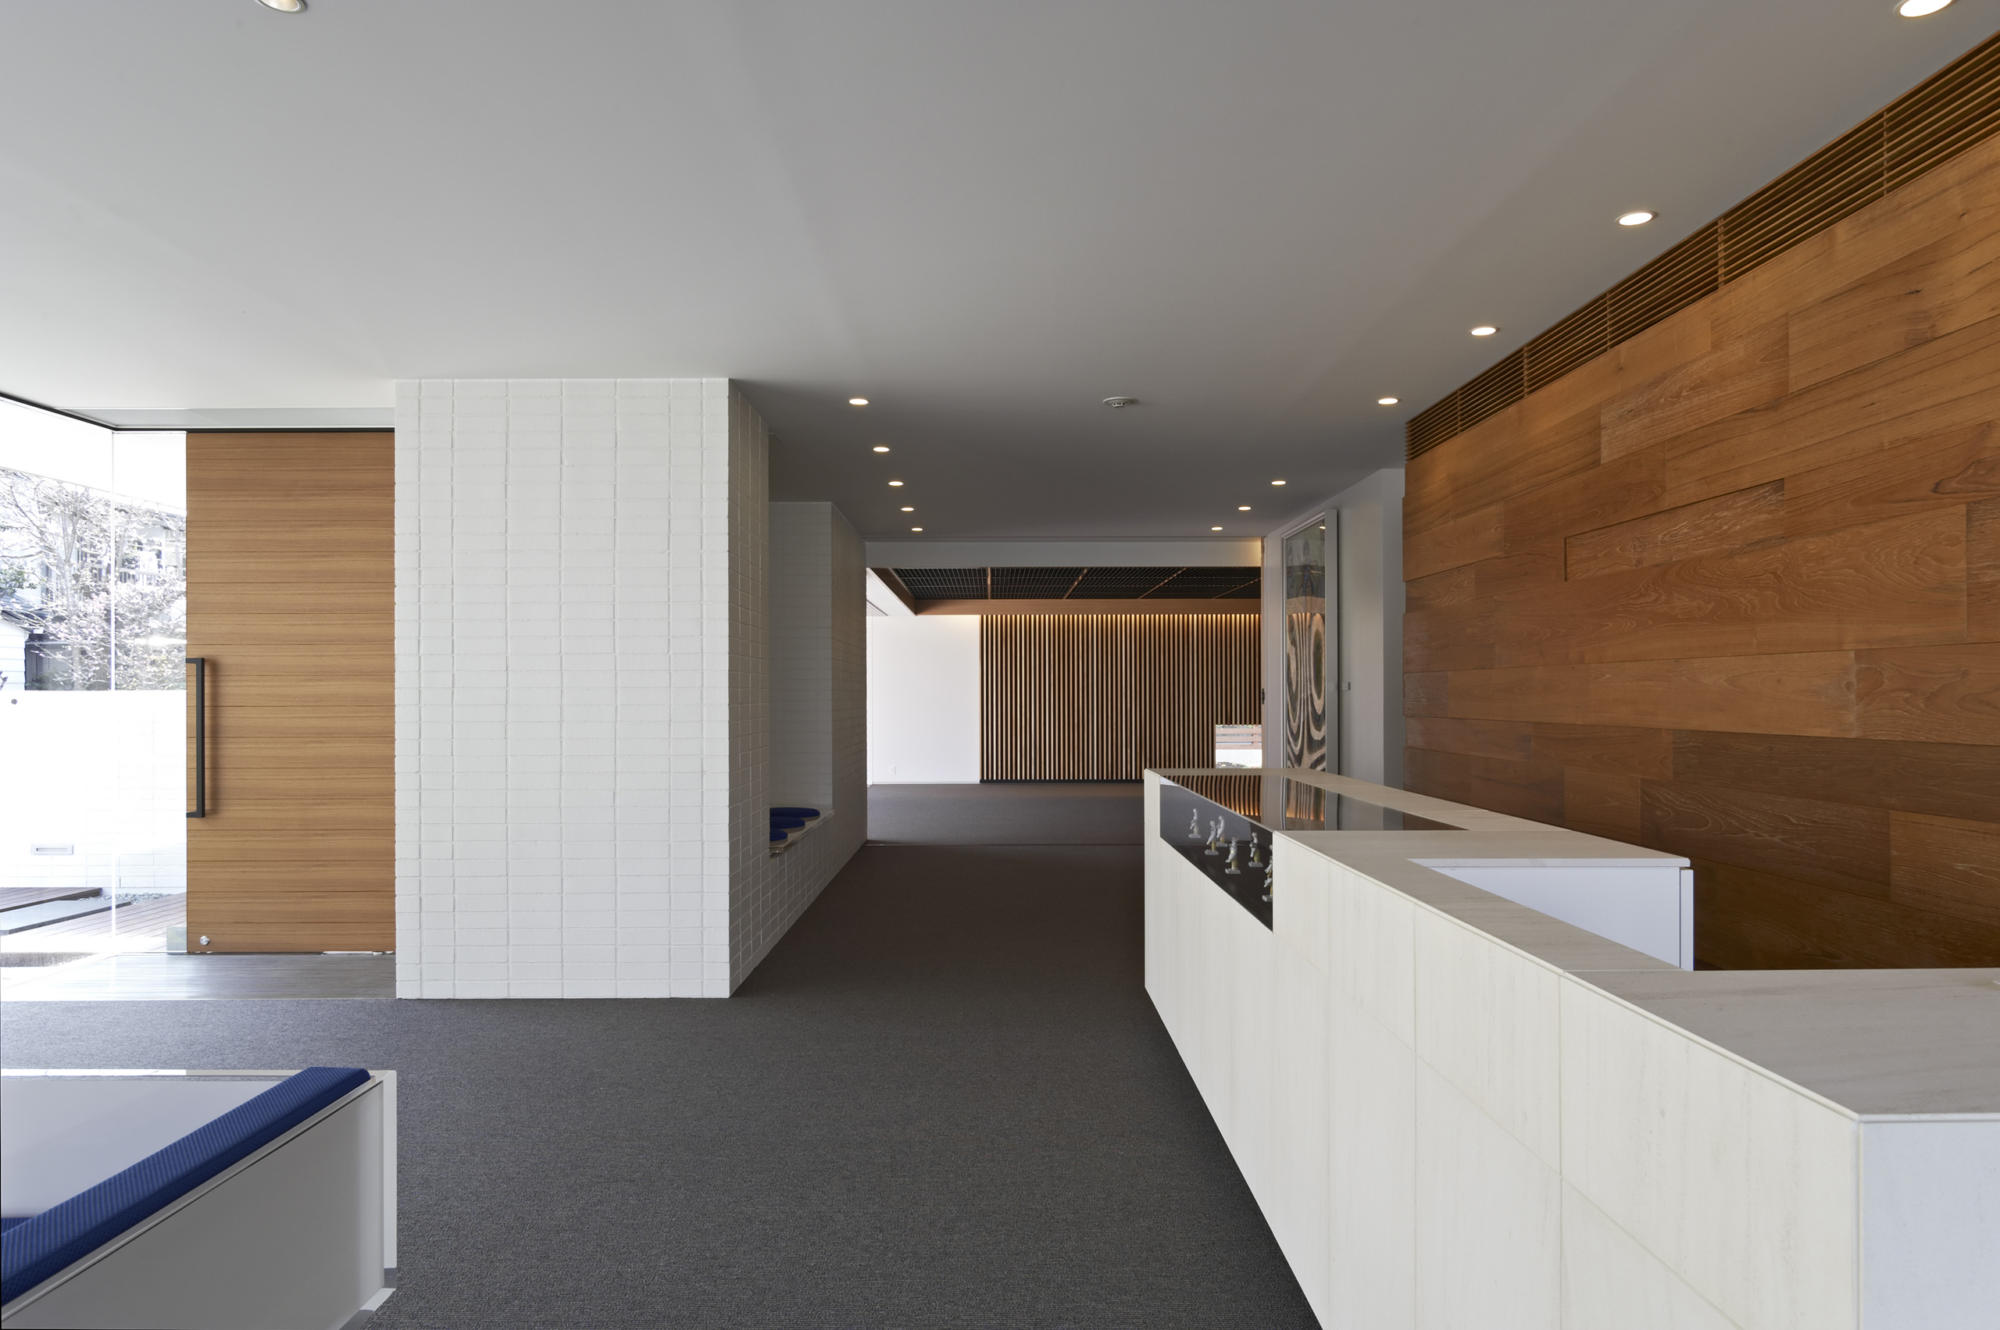 日東薬品構内景観整備計画1-Cent anni Hall | WORKS |